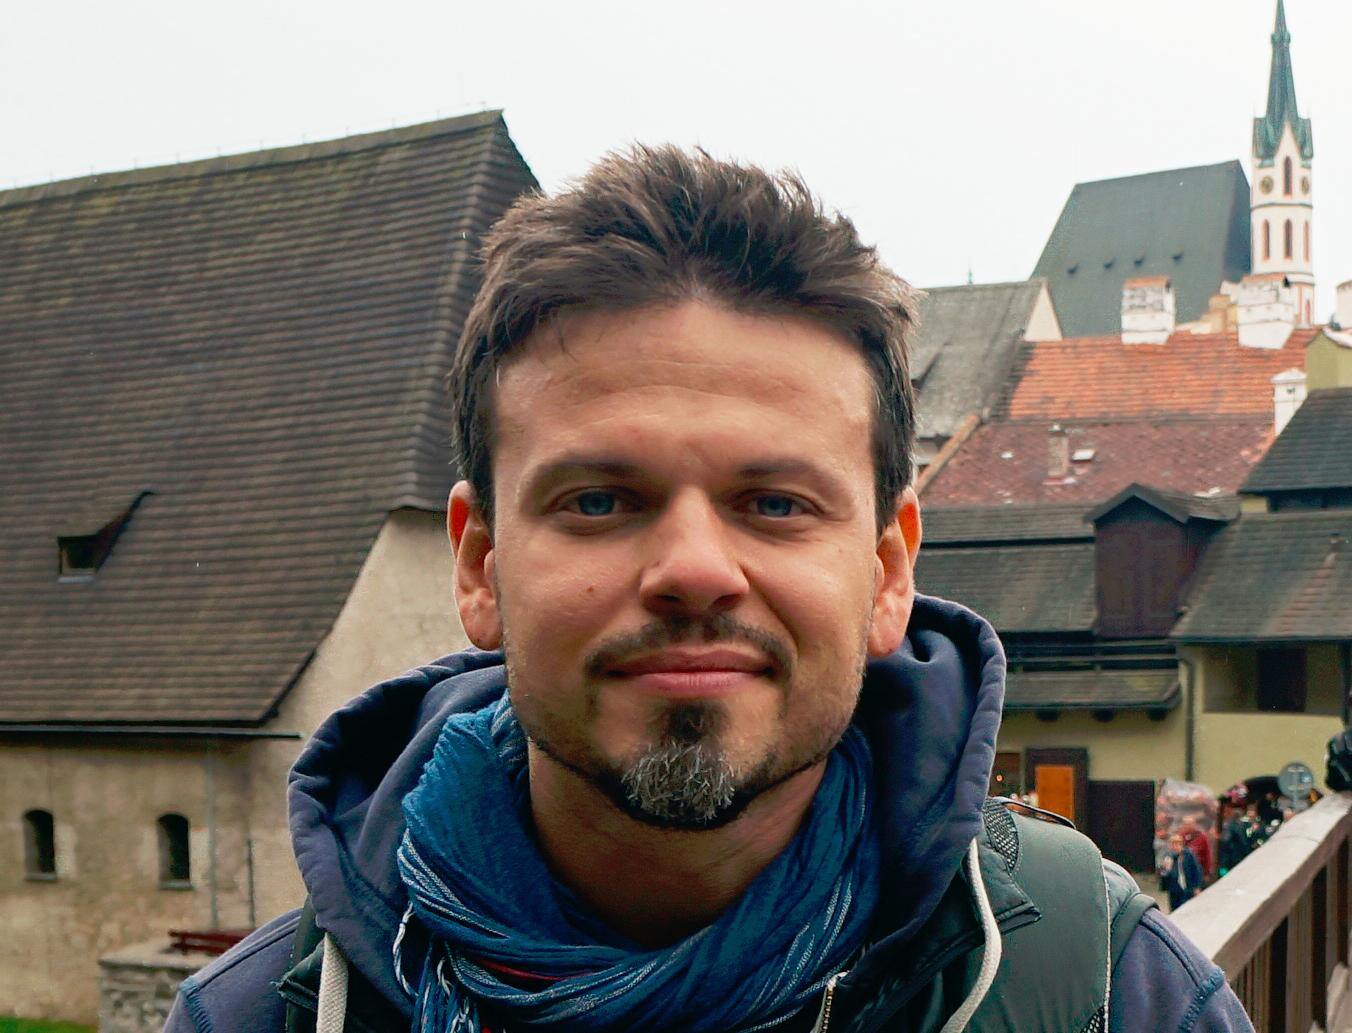 Yevgen Vashchenko